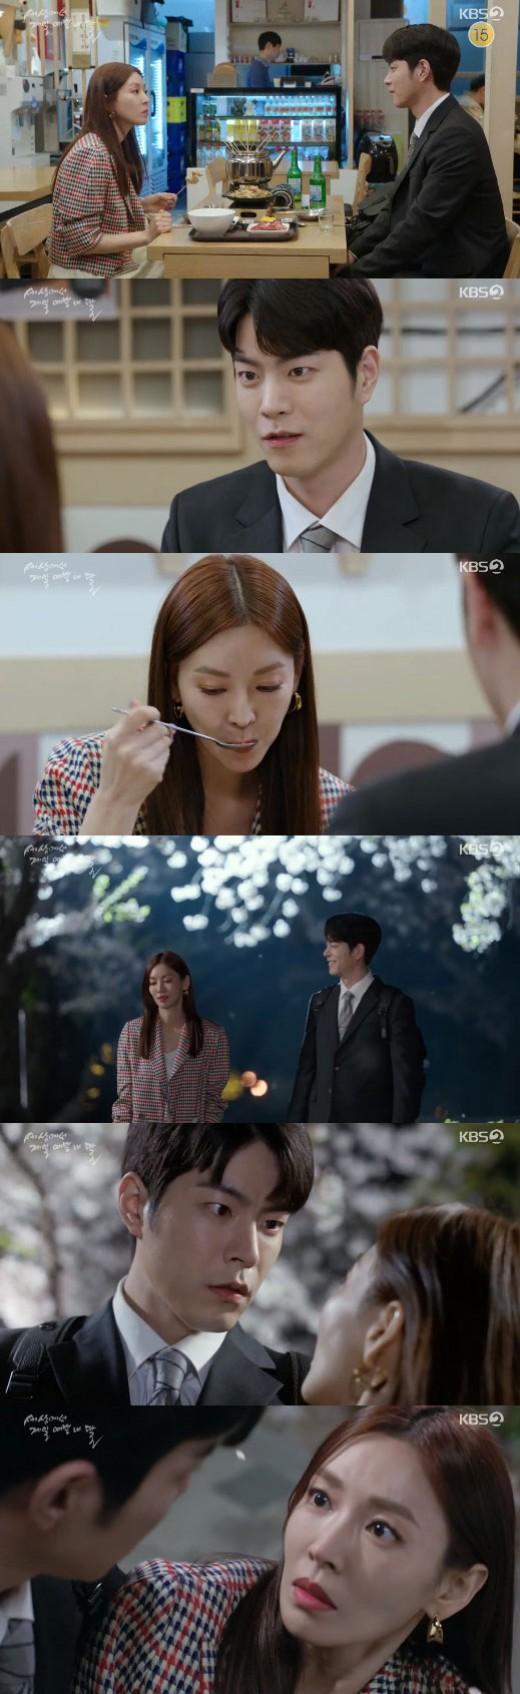 '세젤예' 직진남 홍종현 사랑 고백, 김소연 마음도 녹였다 '러브라인 활짝'